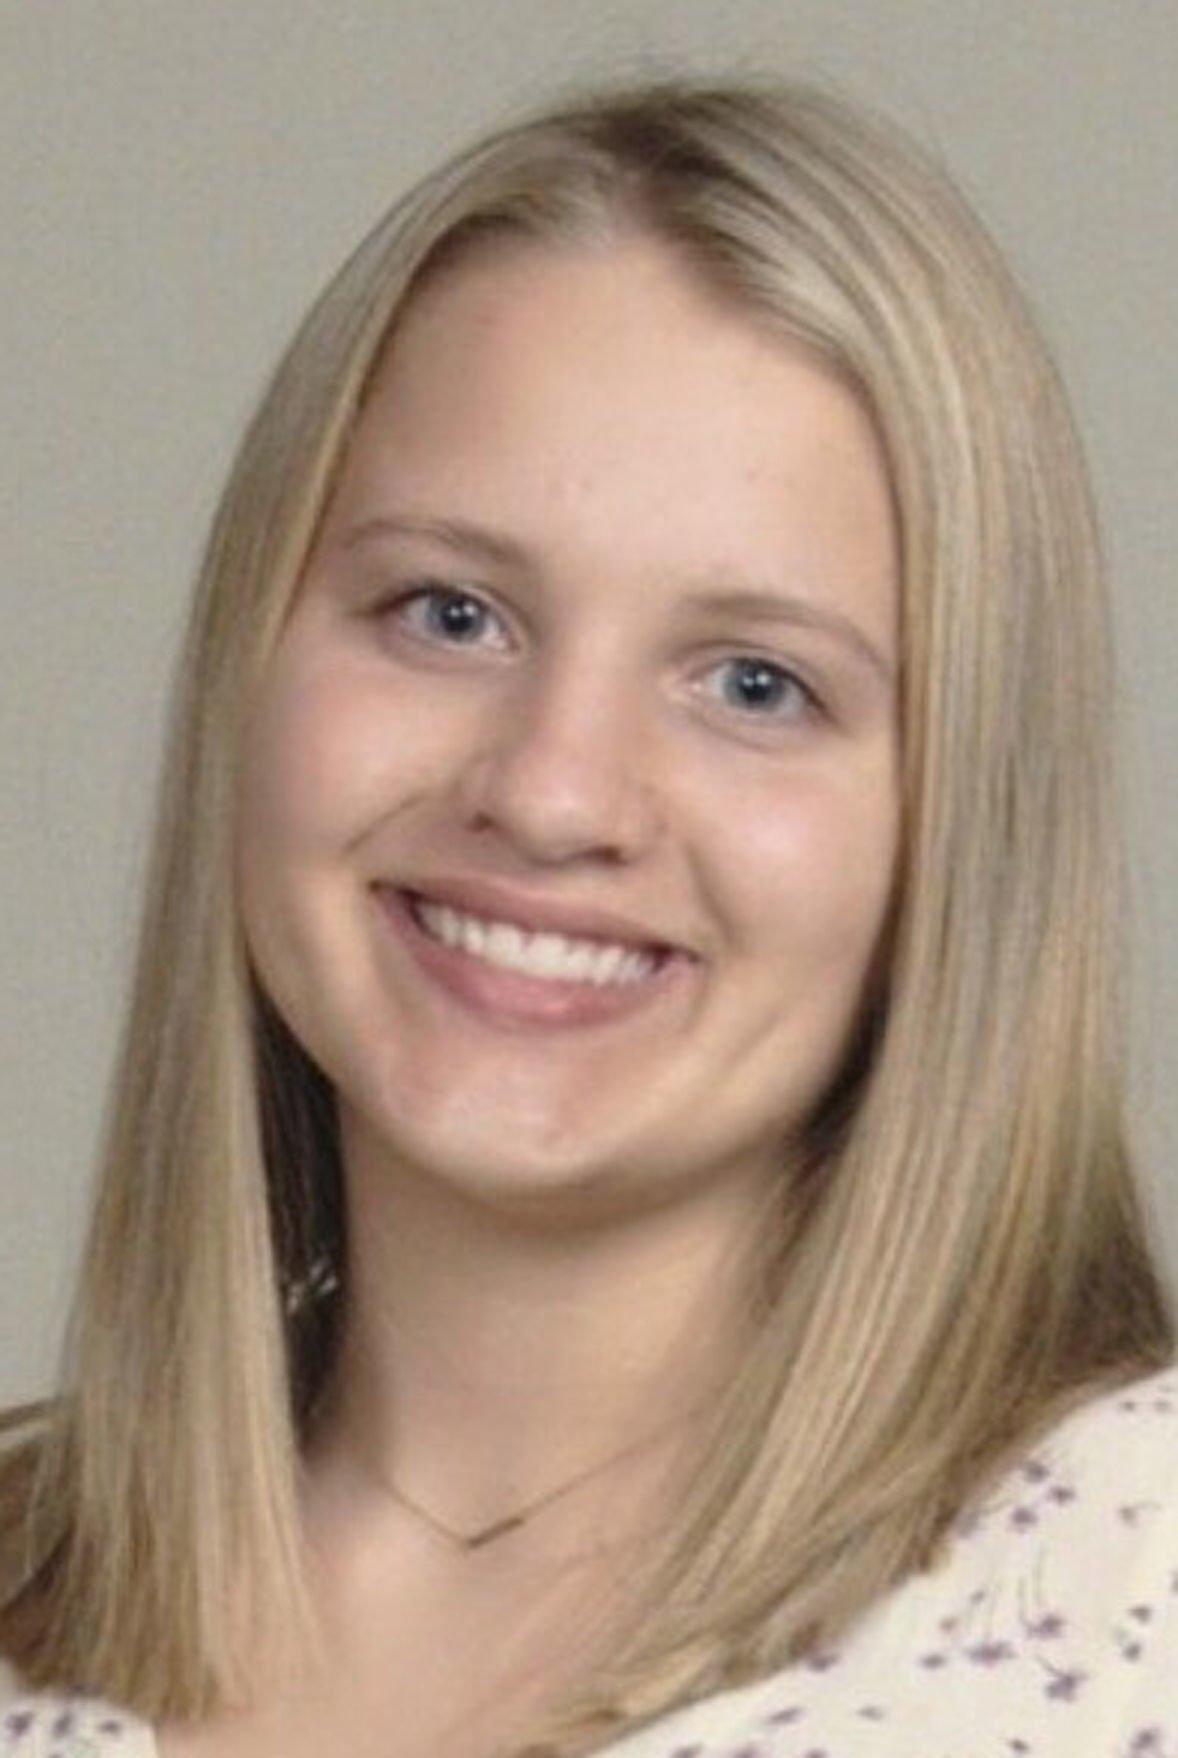 Allison Hein